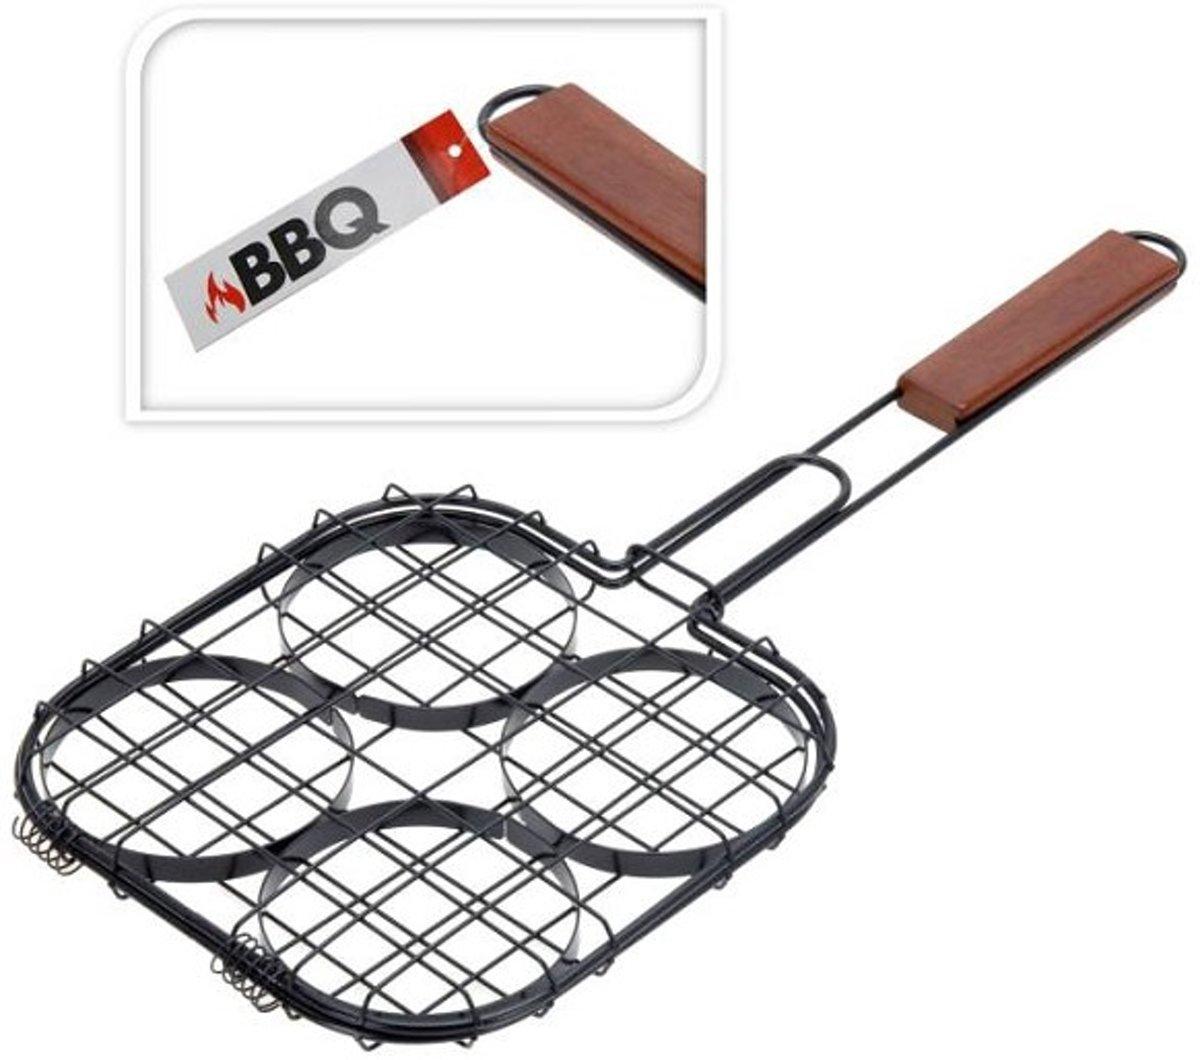 BBQ barbecue grillklem voor 4 hamburgers kopen